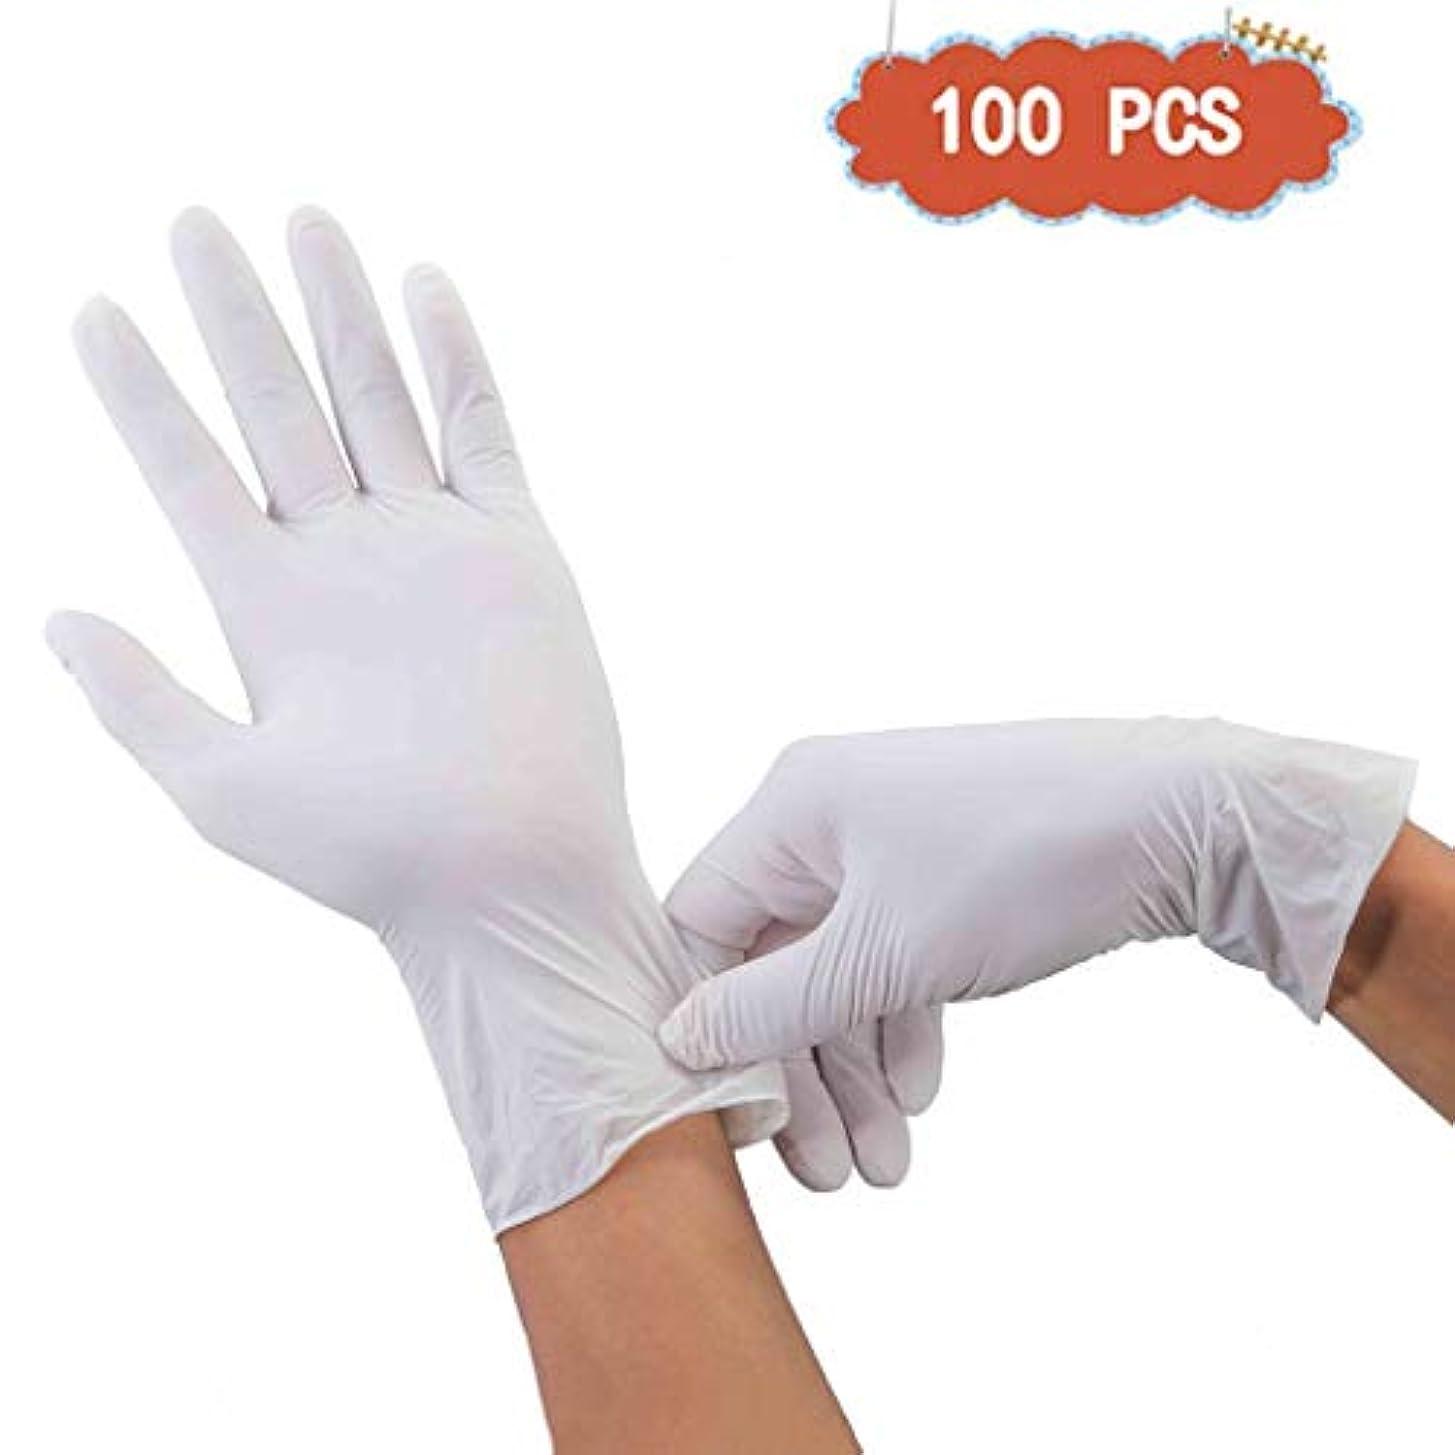 薄いブート波ニトリル手袋、白い手袋食品衛生処理医療産業使い捨て手袋ペットケアネイルアート検査保護実験、美容サロンラテックスフリー、、 100個 (Size : S)